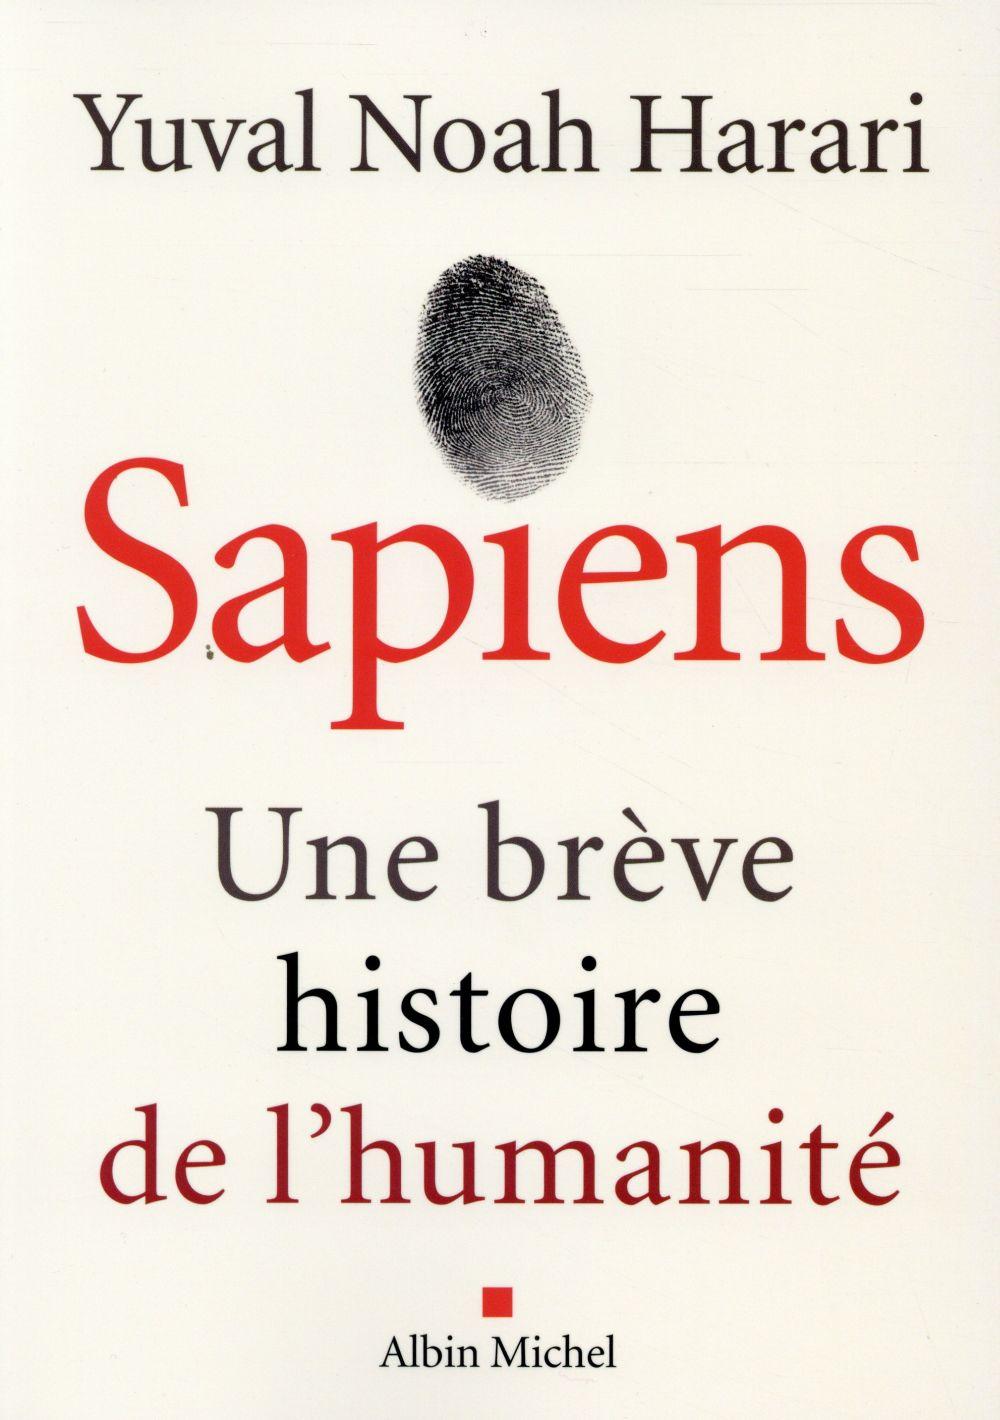 SAPIENS, UNE BREVE HISTOIRE DE L'HUMANITE